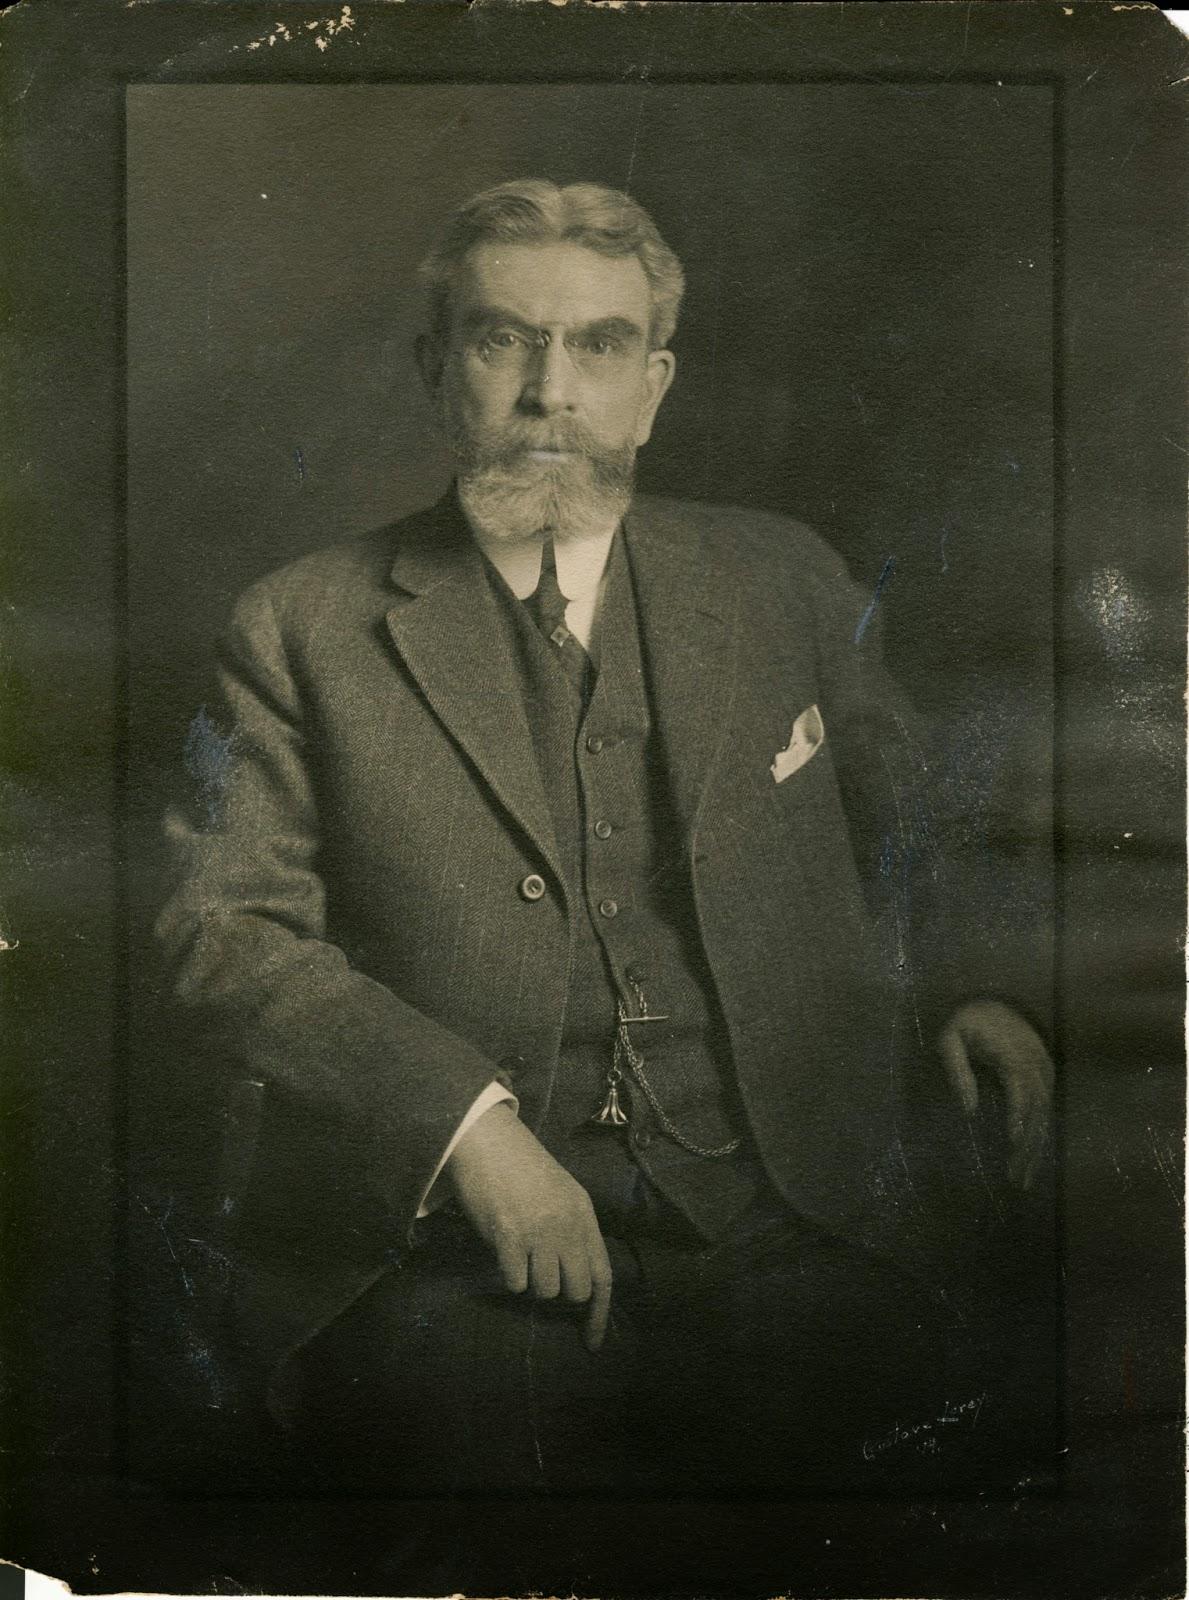 Bethlehem NY History: Connecting J. White Sprong and Gustave Lorey